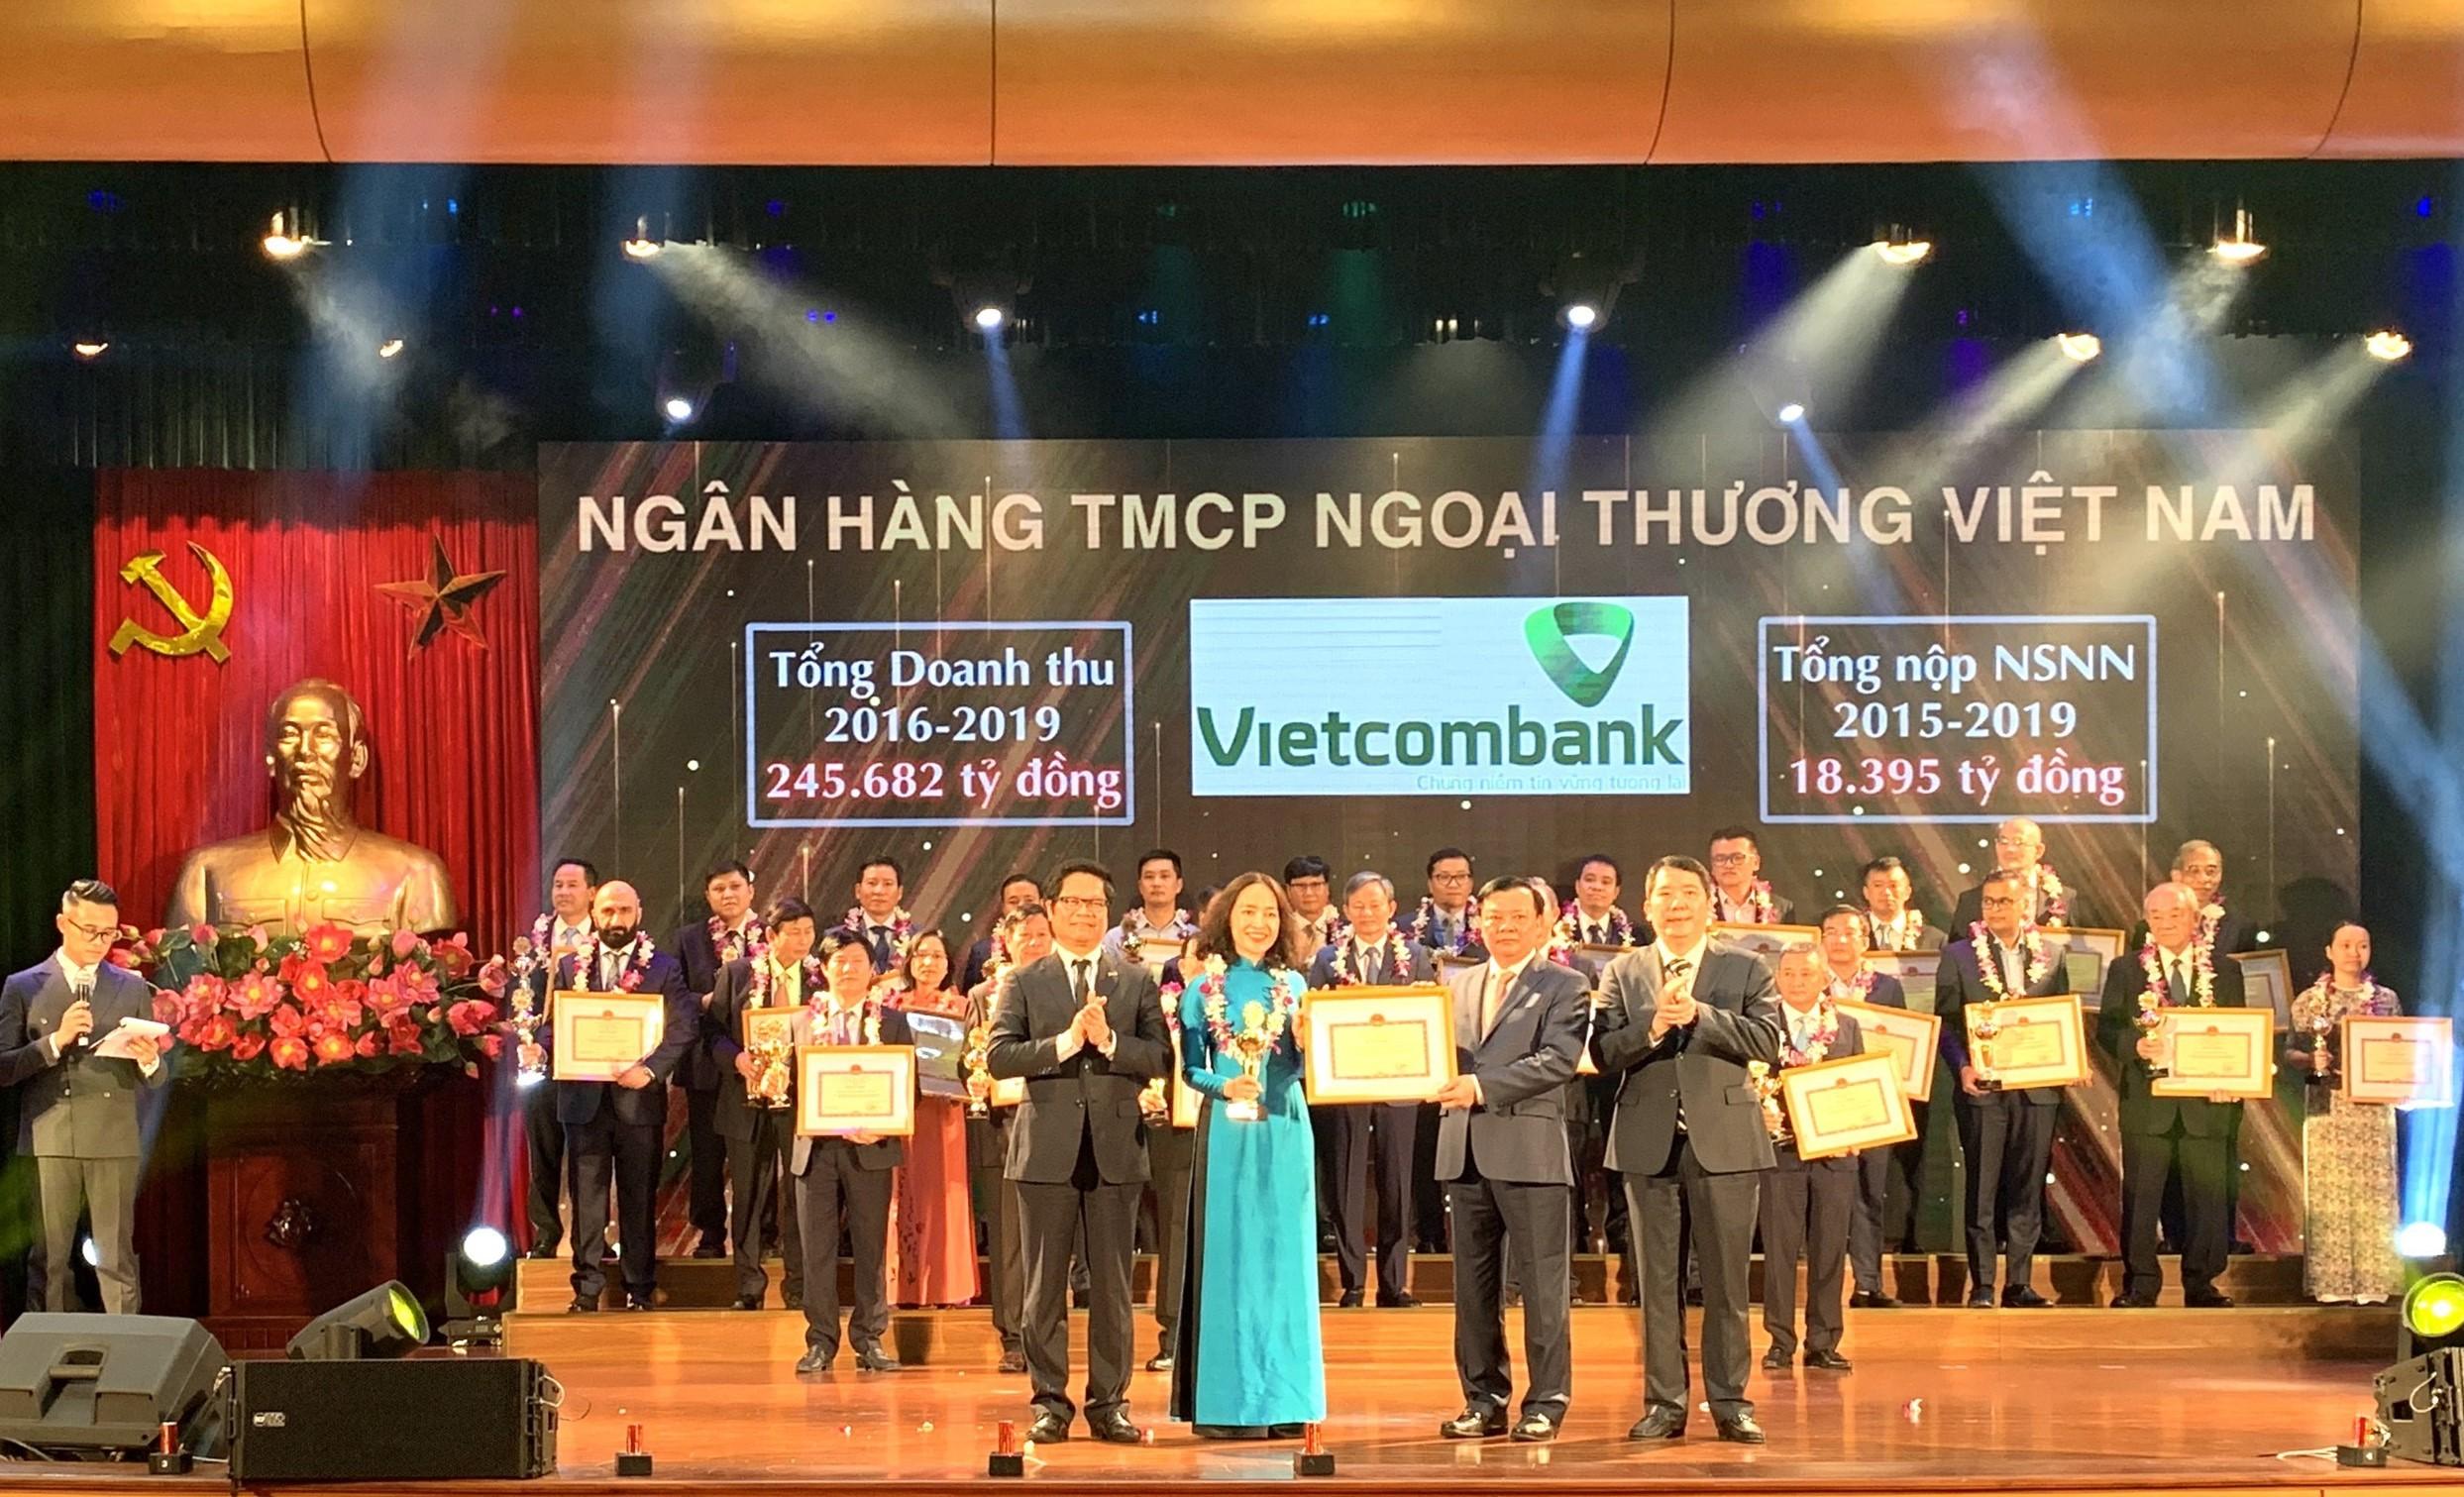 Vietcombank năm 2020 – Khẳng định Thương hiệu, uy tín và vị thế ngân hàng số 1 Việt Nam - Ảnh 2